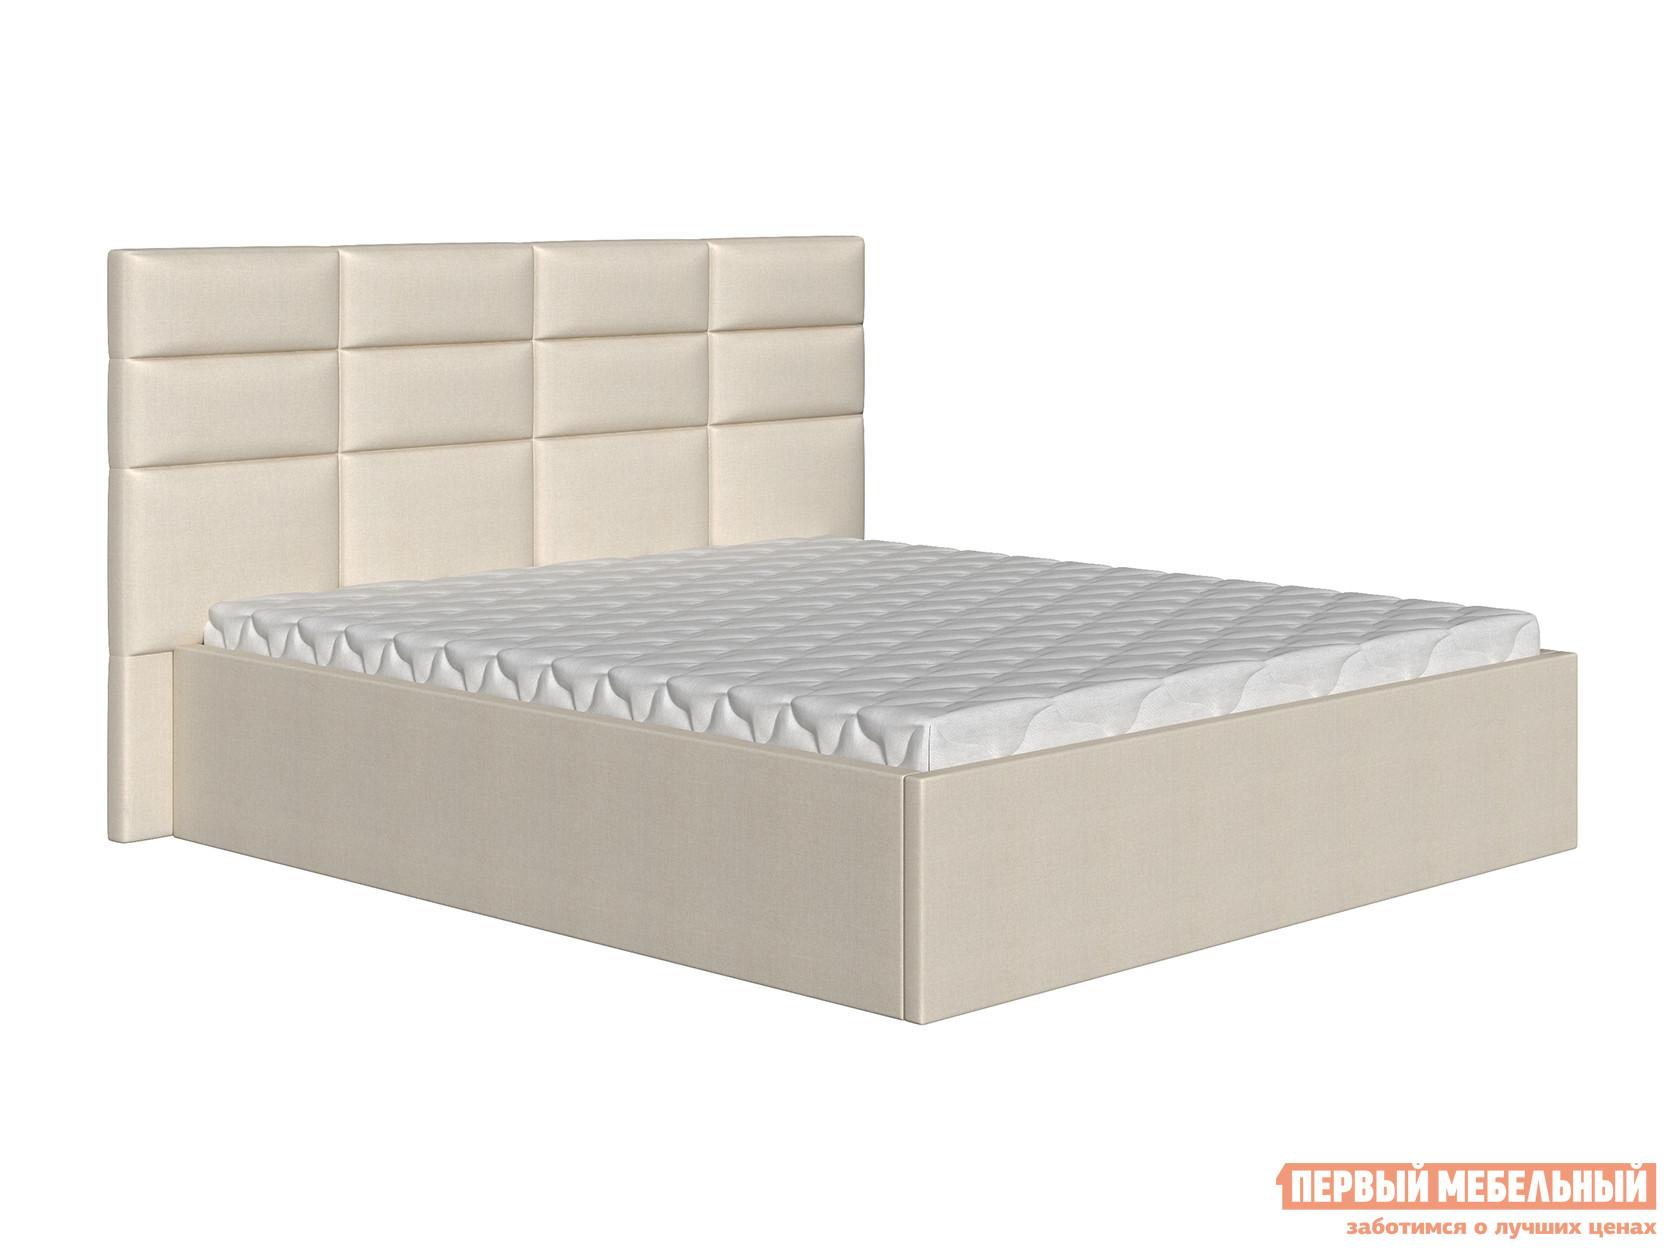 Двуспальная кровать  Кровать Коста Бежевый, рогожка, 160х200 см